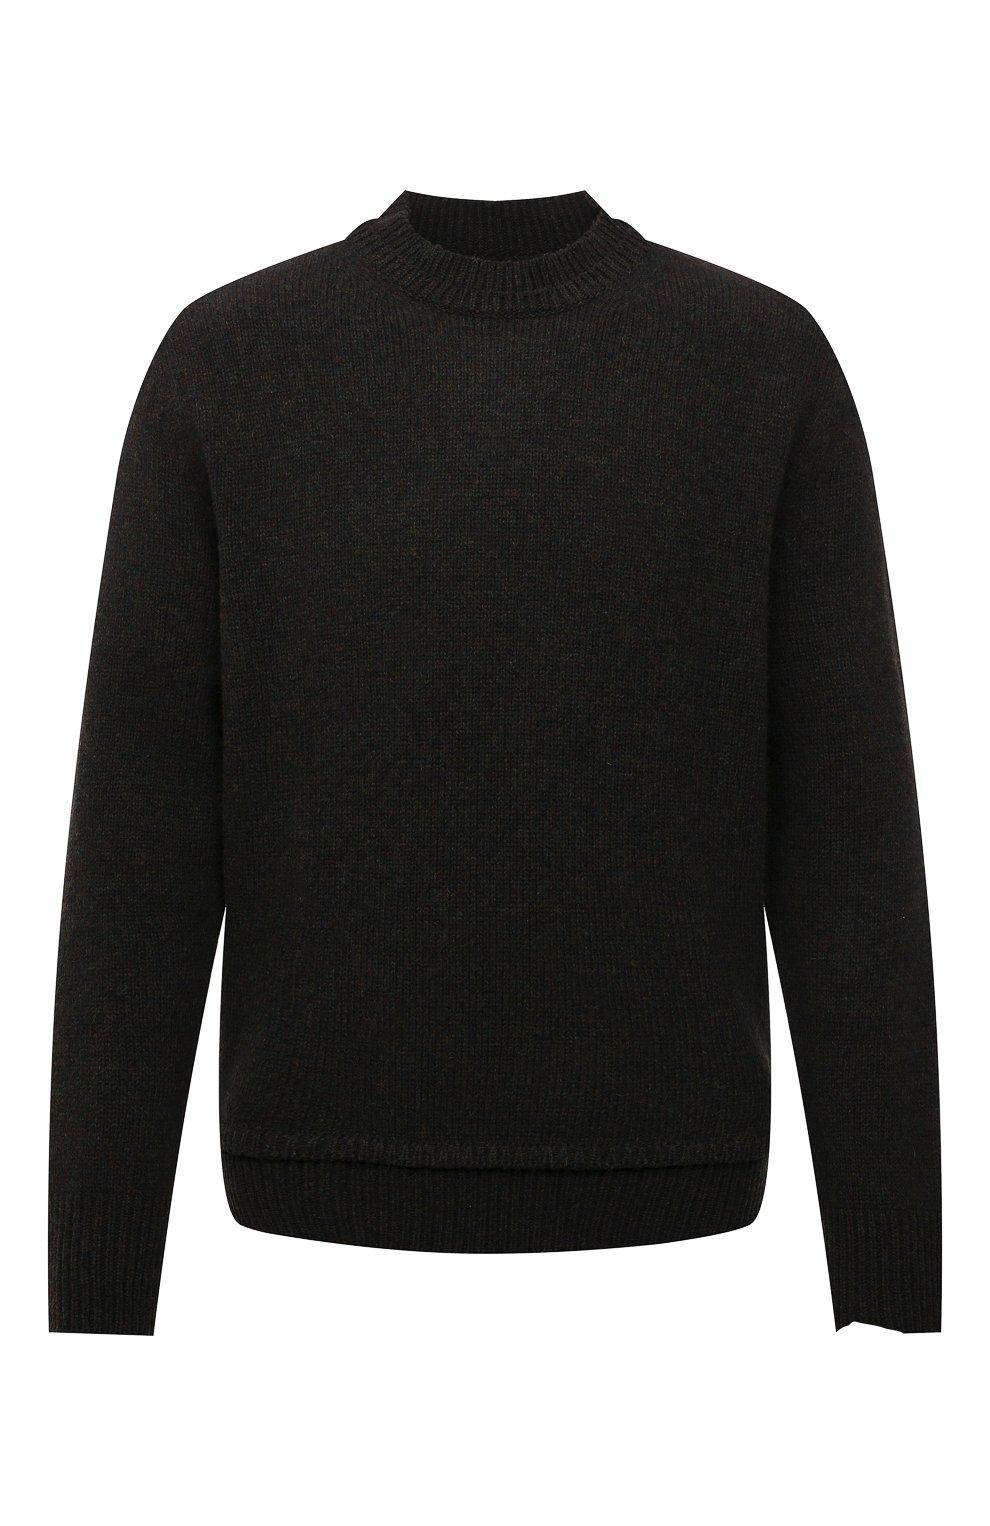 Мужской шерстяной свитер MAISON MARGIELA темно-зеленого цвета, арт. S50GP0243/S17785   Фото 1 (Материал внешний: Шерсть; Рукава: Длинные; Принт: Без принта; Длина (для топов): Стандартные; Мужское Кросс-КТ: Свитер-одежда)